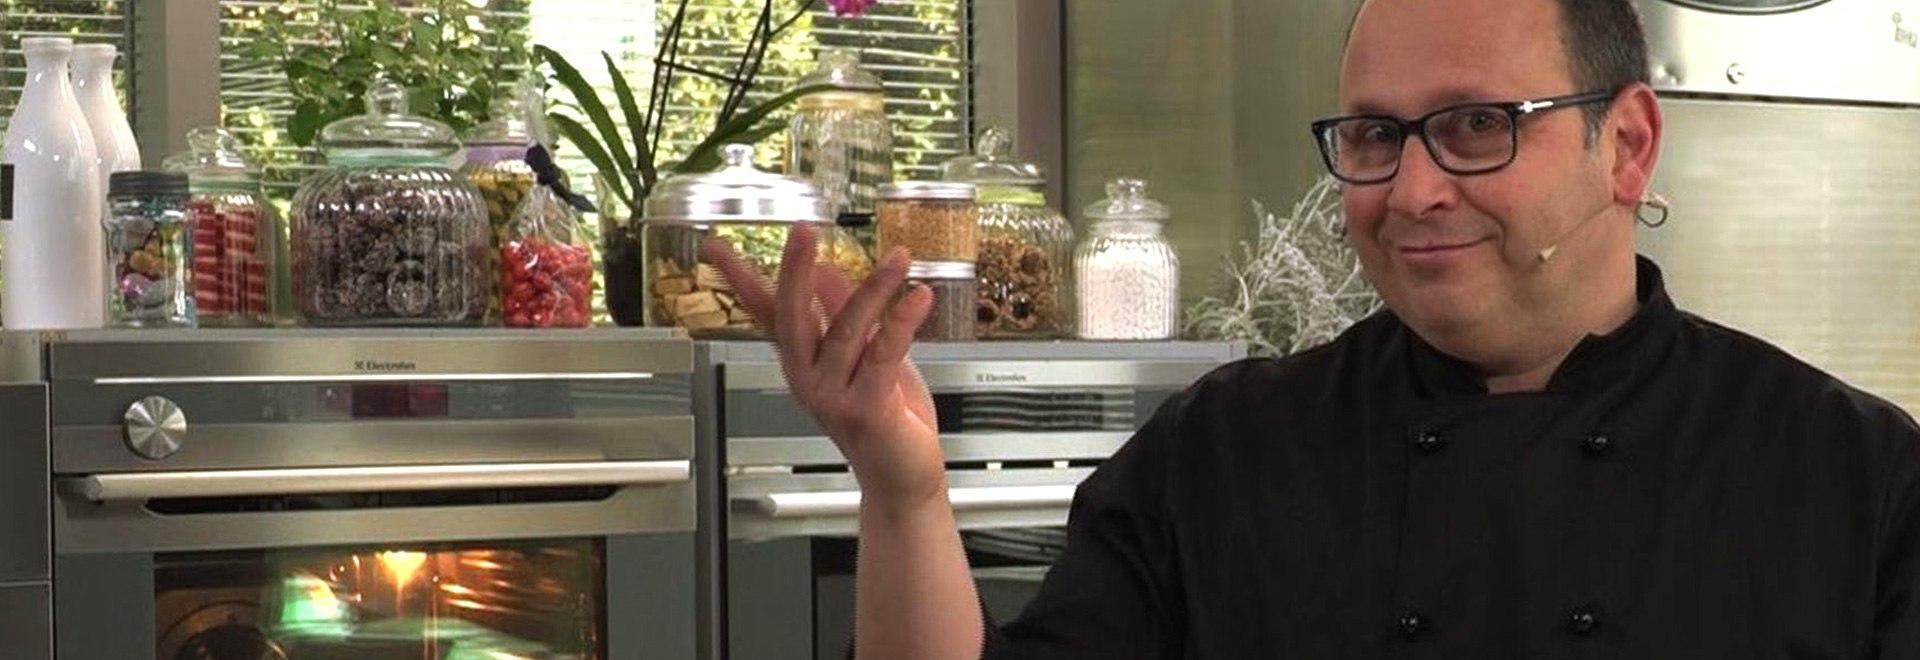 Roberto Cantolaqua: Crostata con mousse al cocco